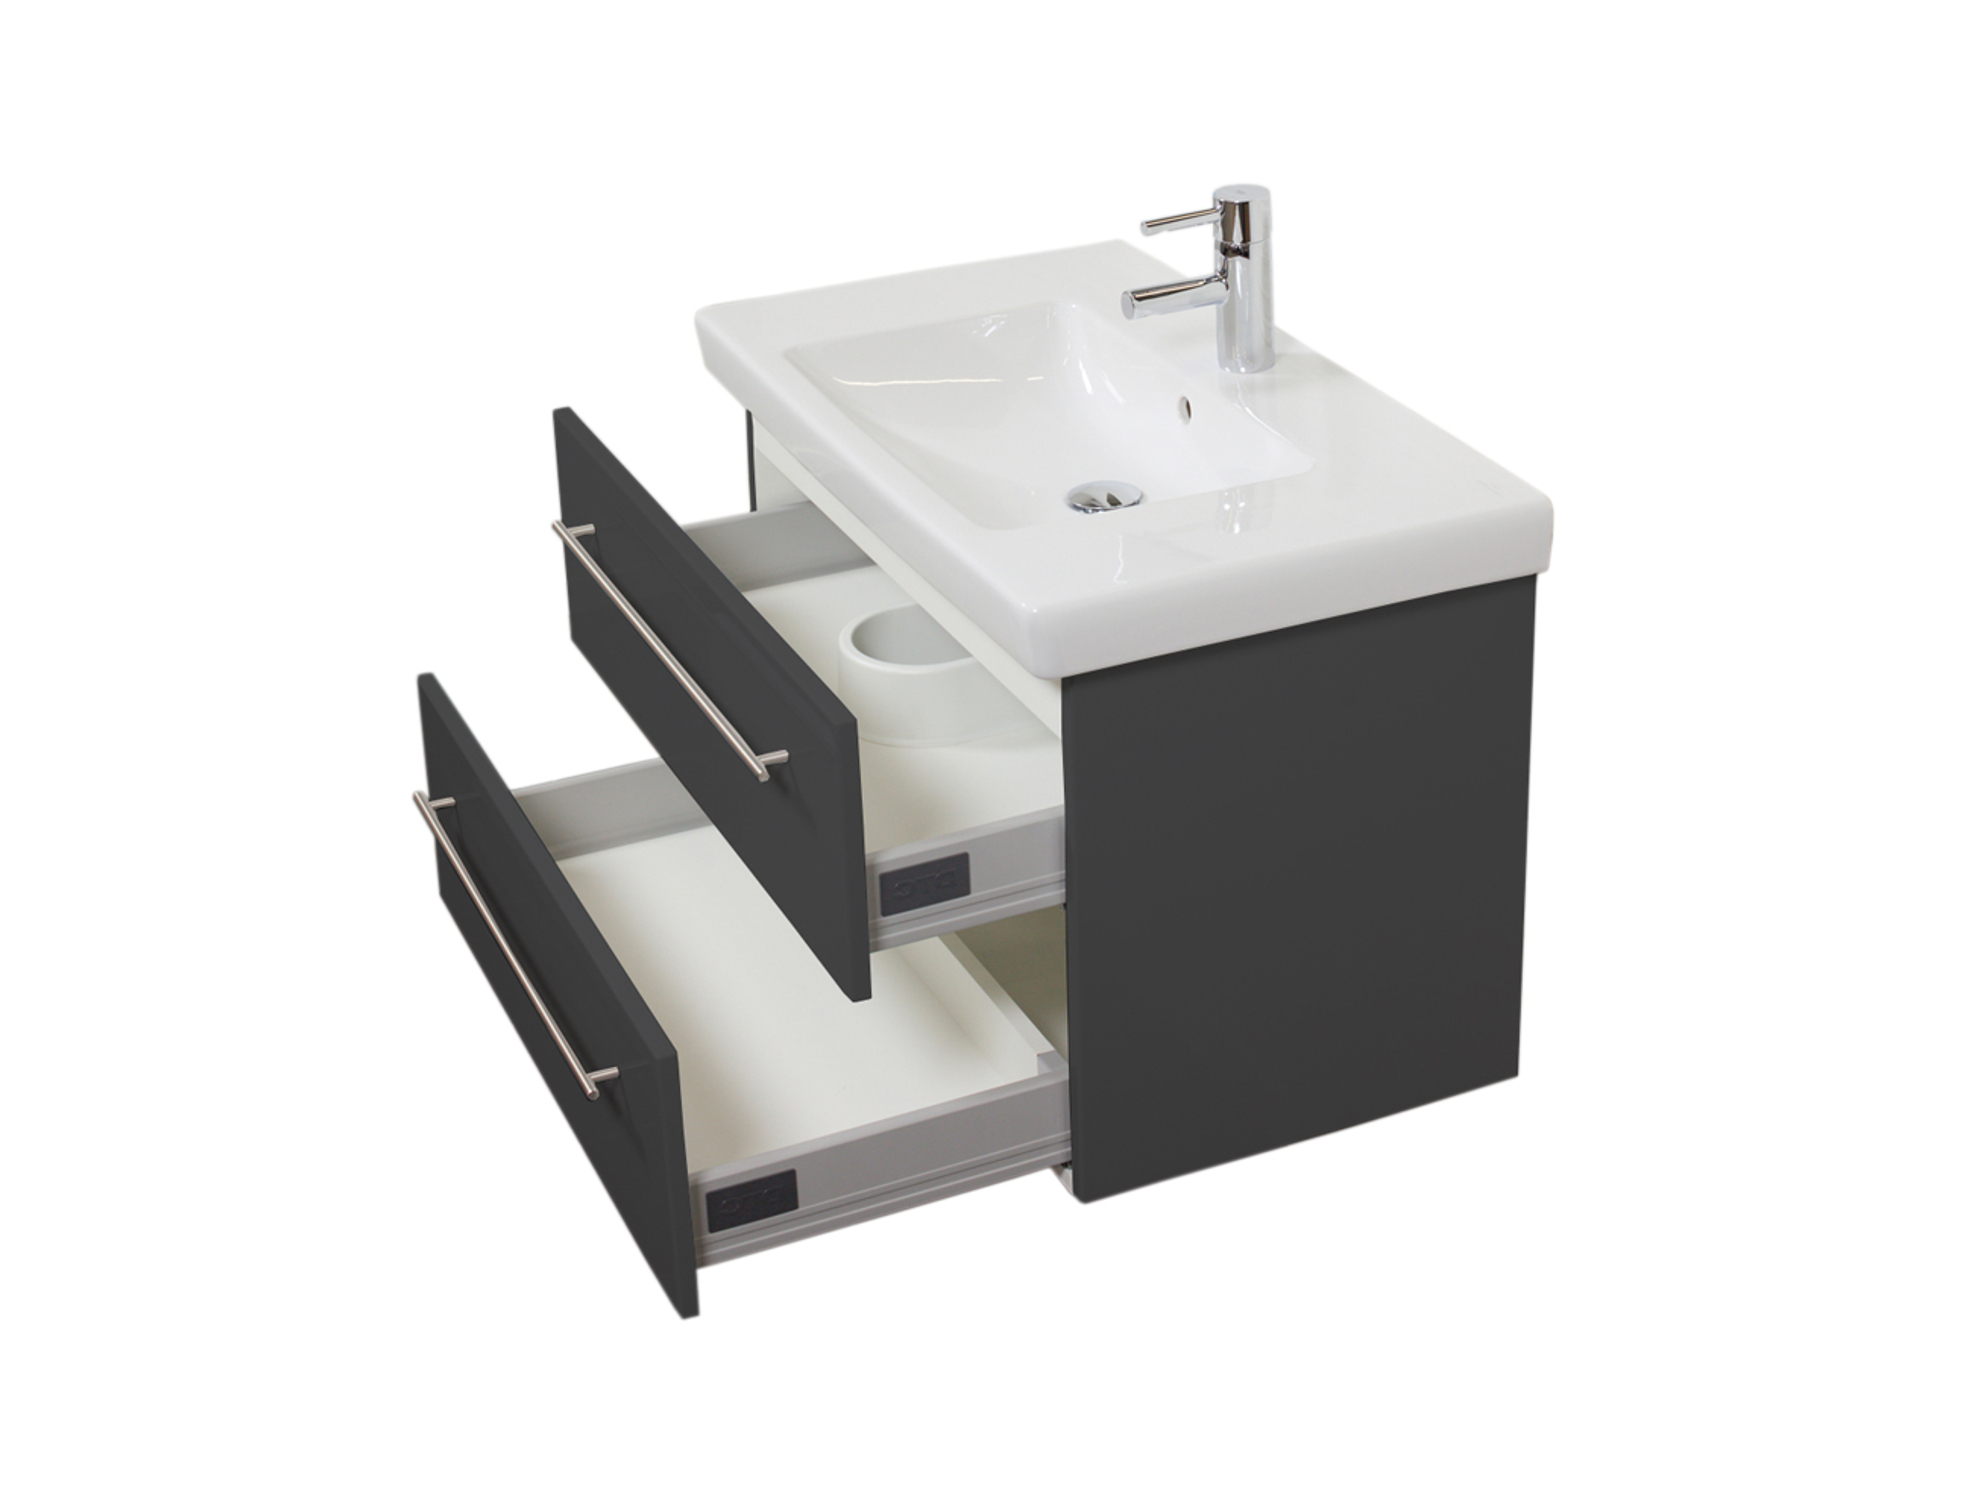 bad waschtisch mit villeroy boch becken subway 2 0 80. Black Bedroom Furniture Sets. Home Design Ideas